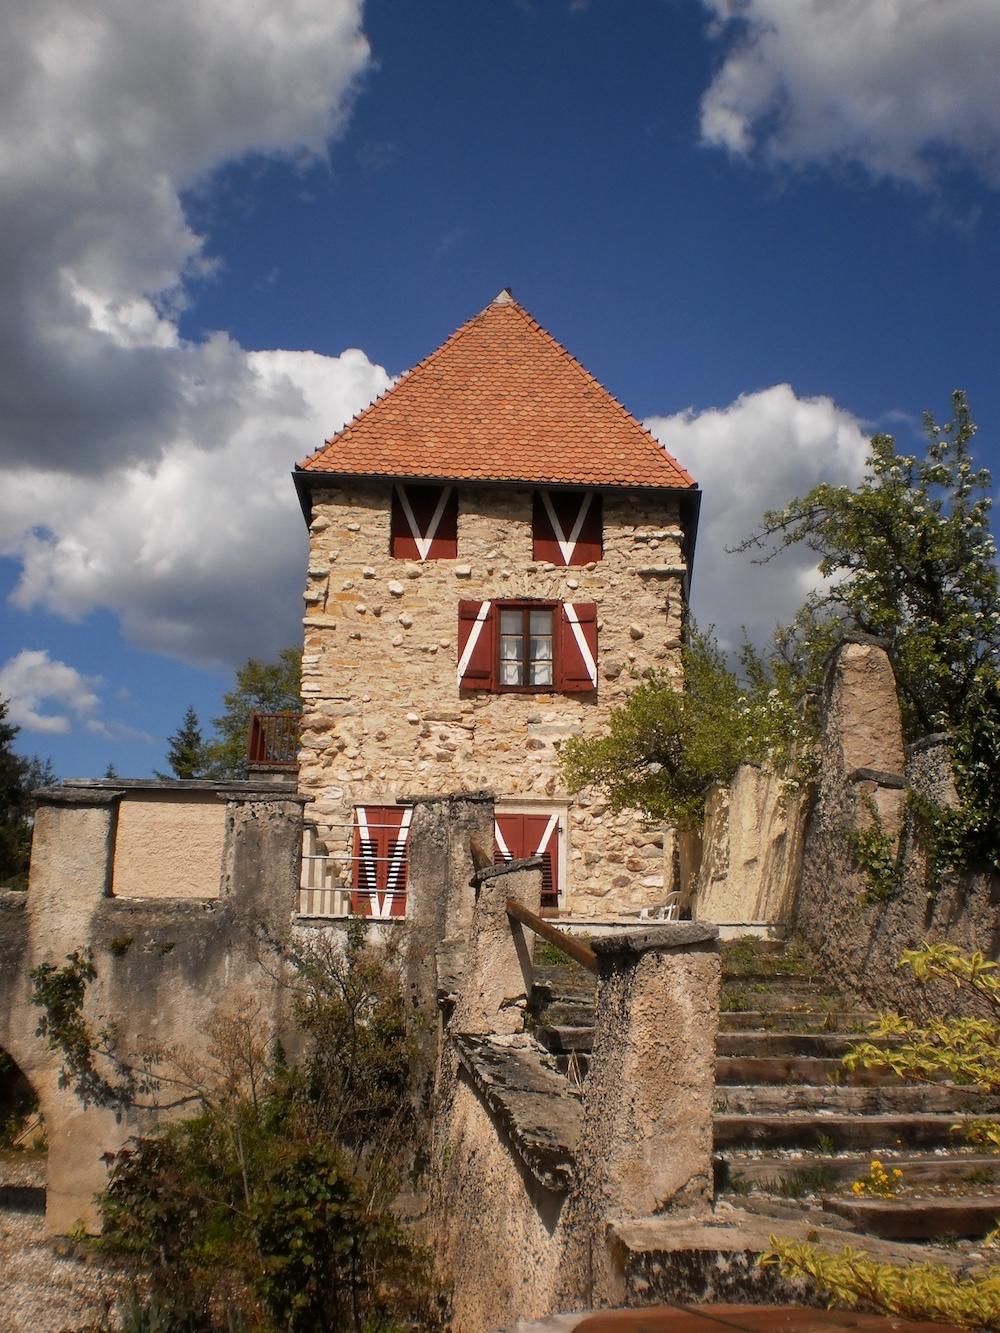 Castel Malgolo photo credits Fabio Bartolini